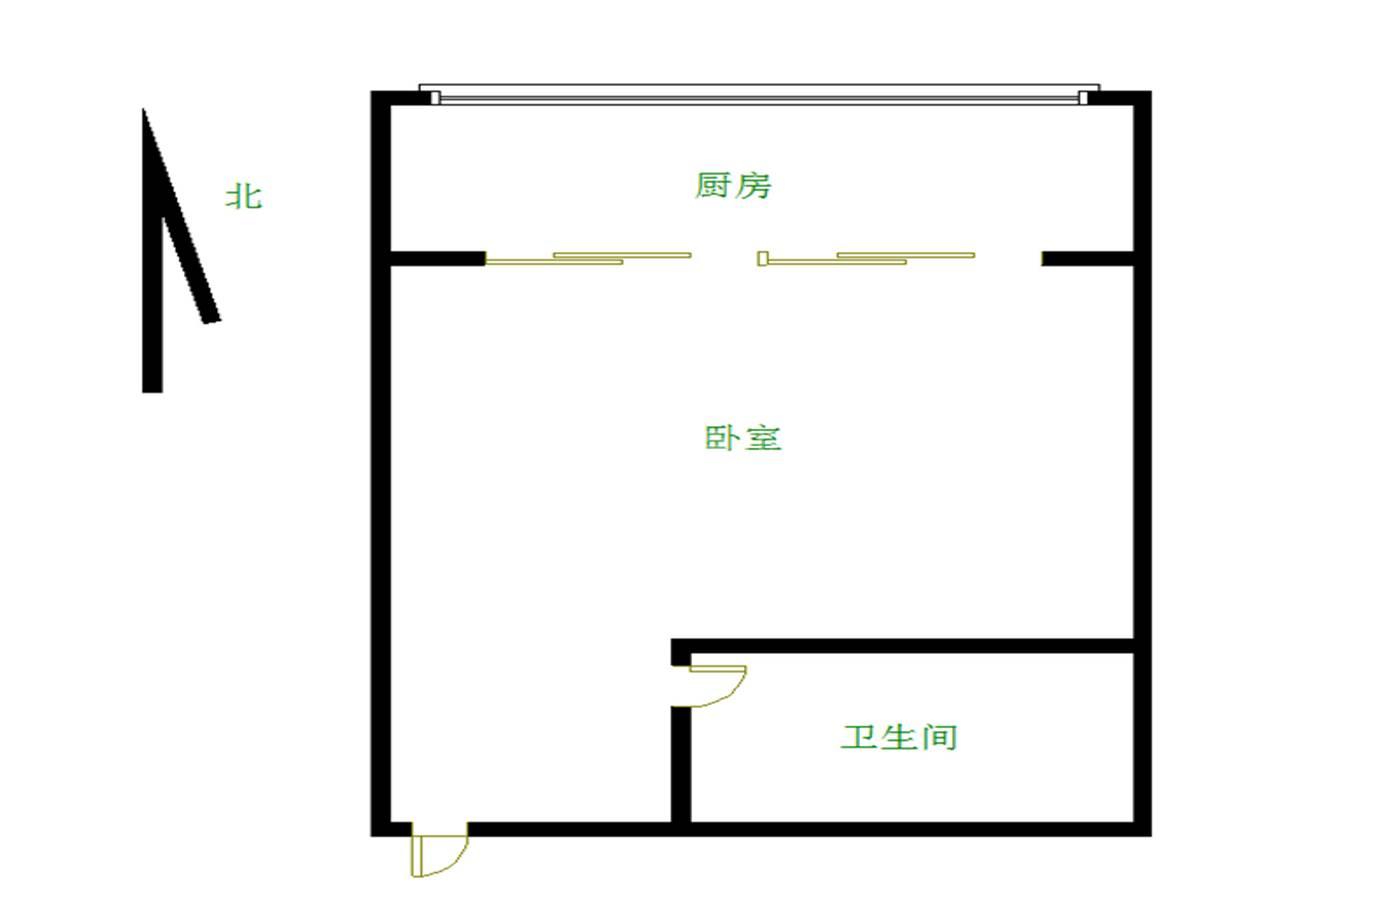 盛龙广场9号地 1室0厅